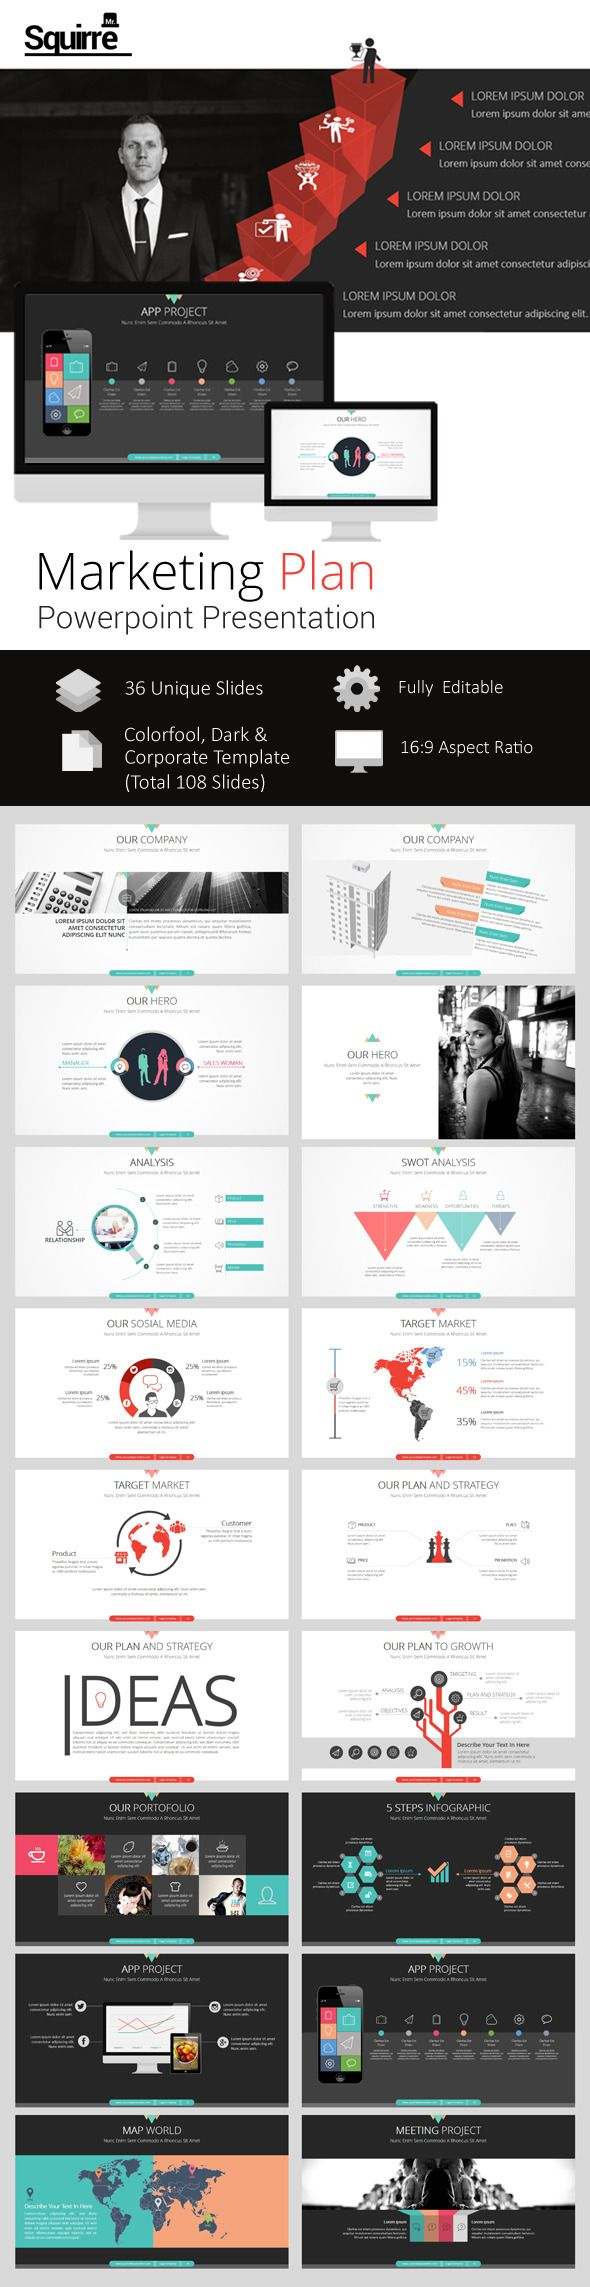 marketing plan powerpoint presentation pitch deck powerpoint